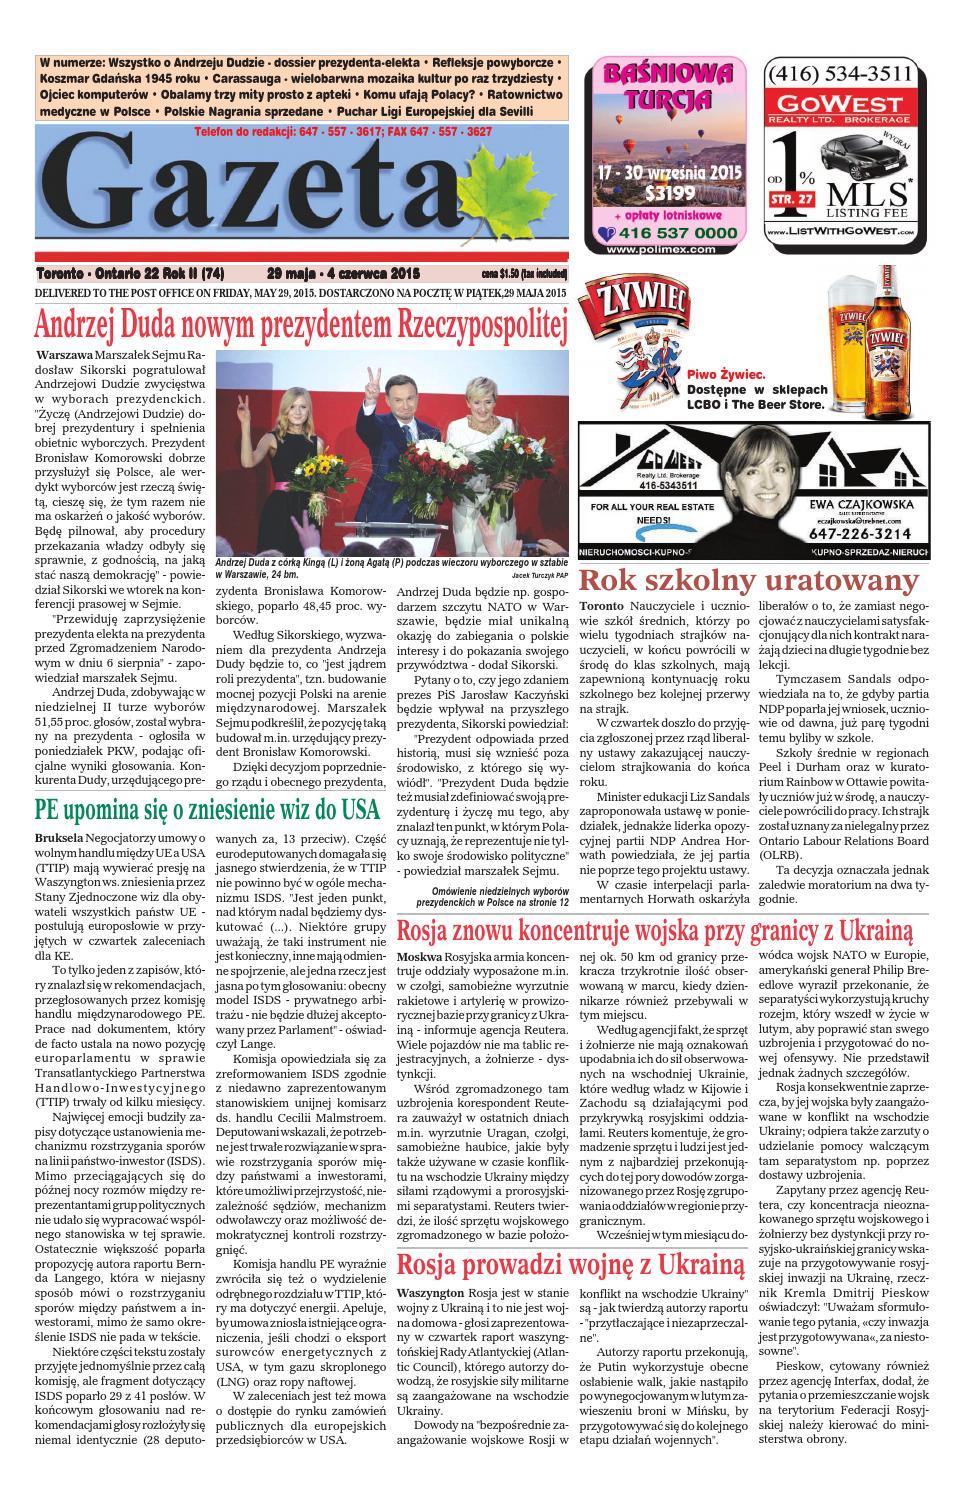 Gazeta 2015 22 By Gazetagazetacom Issuu